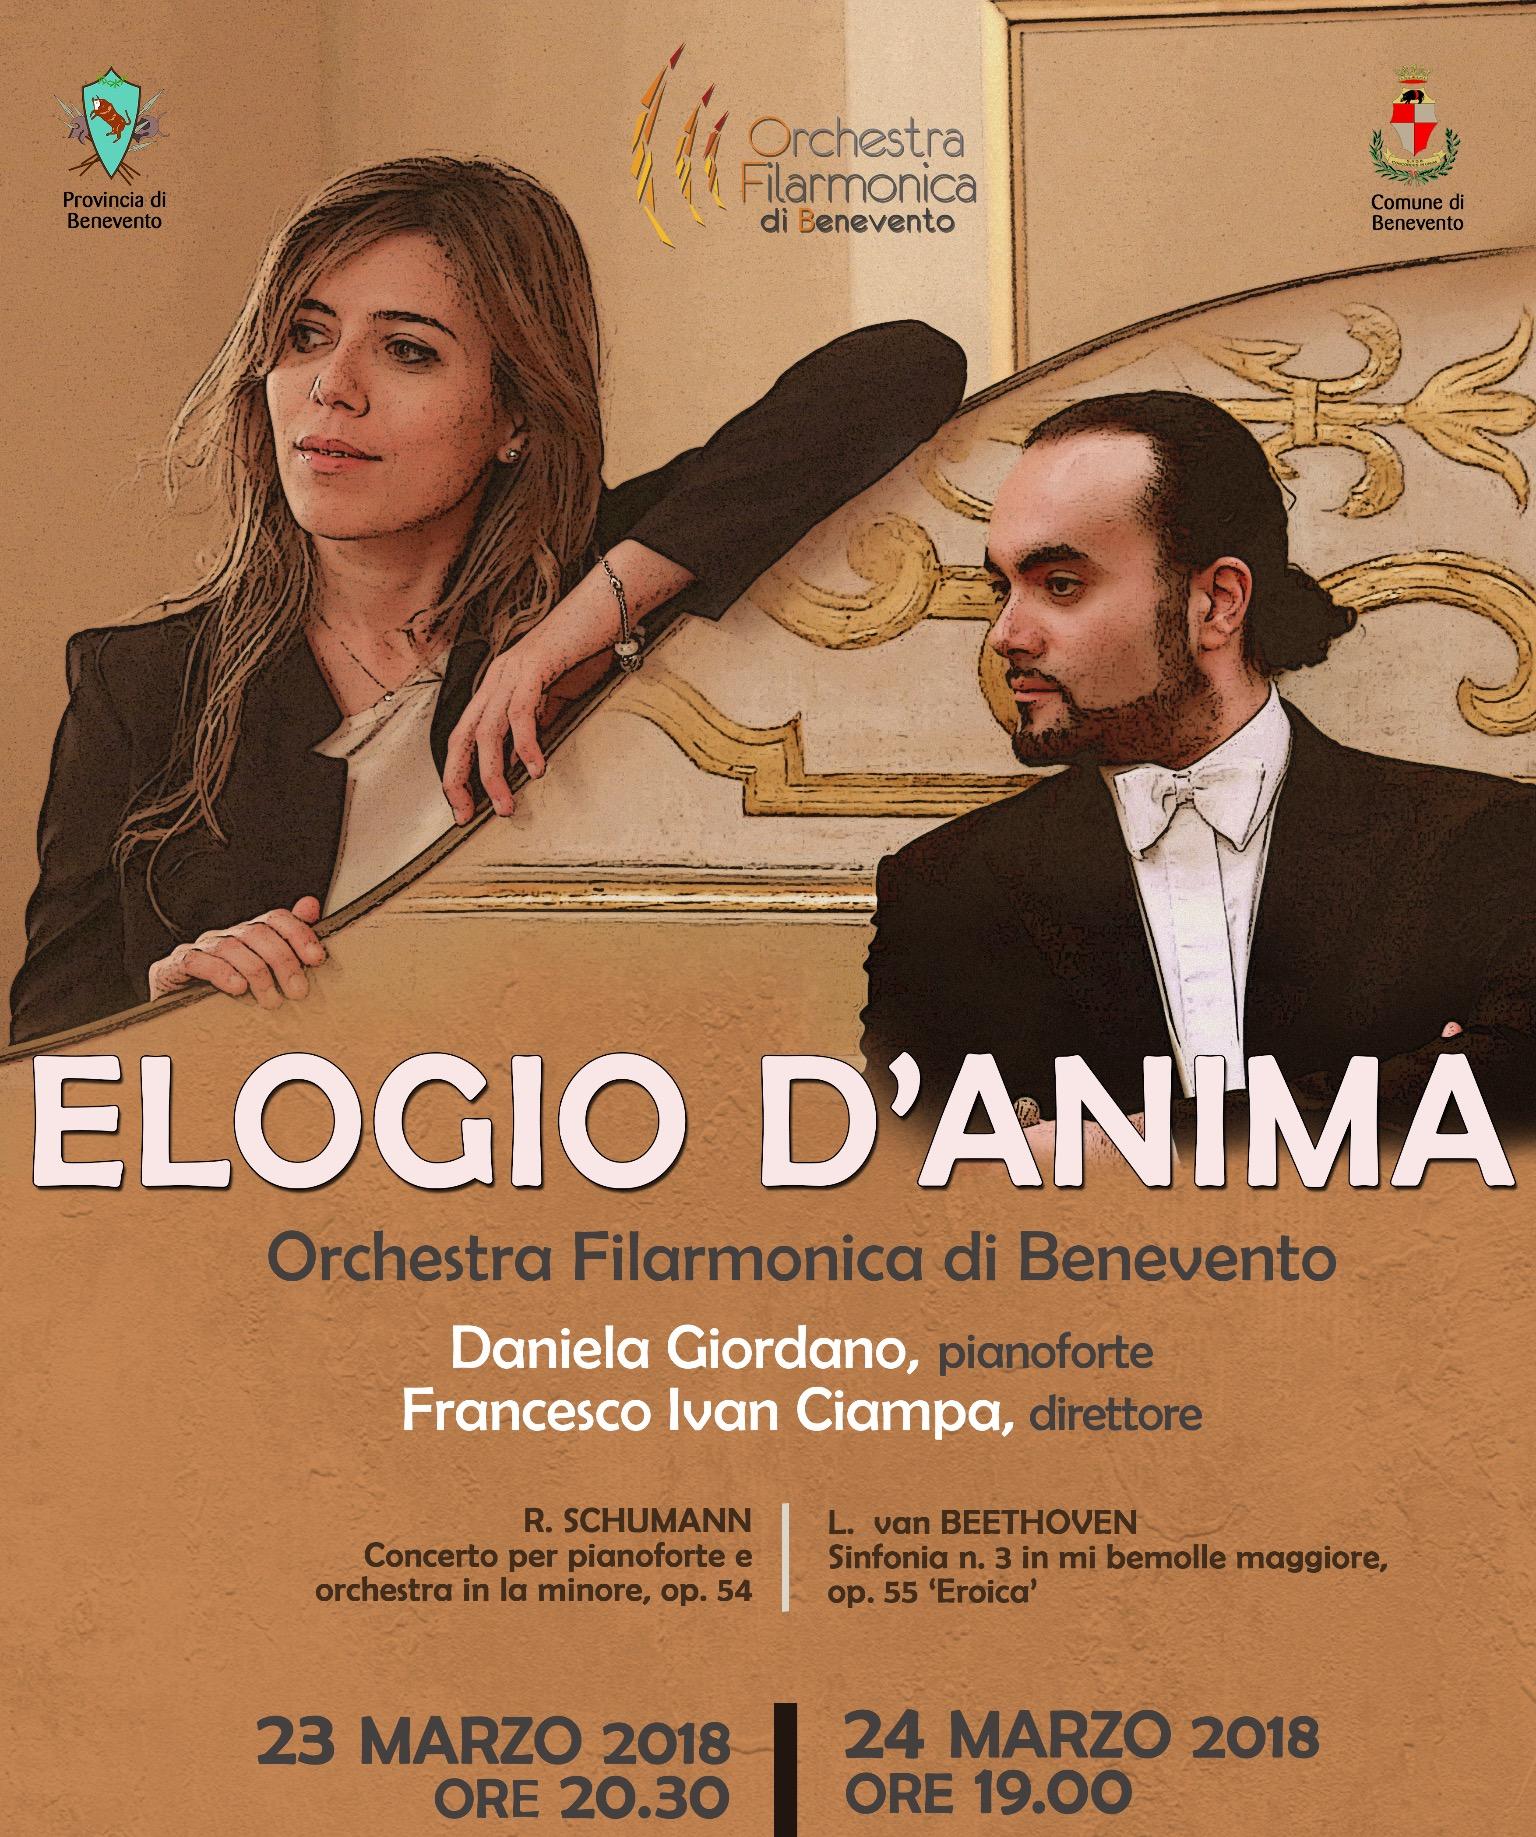 Il 24 marzo appuntamento musica classica presso la chiesa di S. Gennaro di Benevento